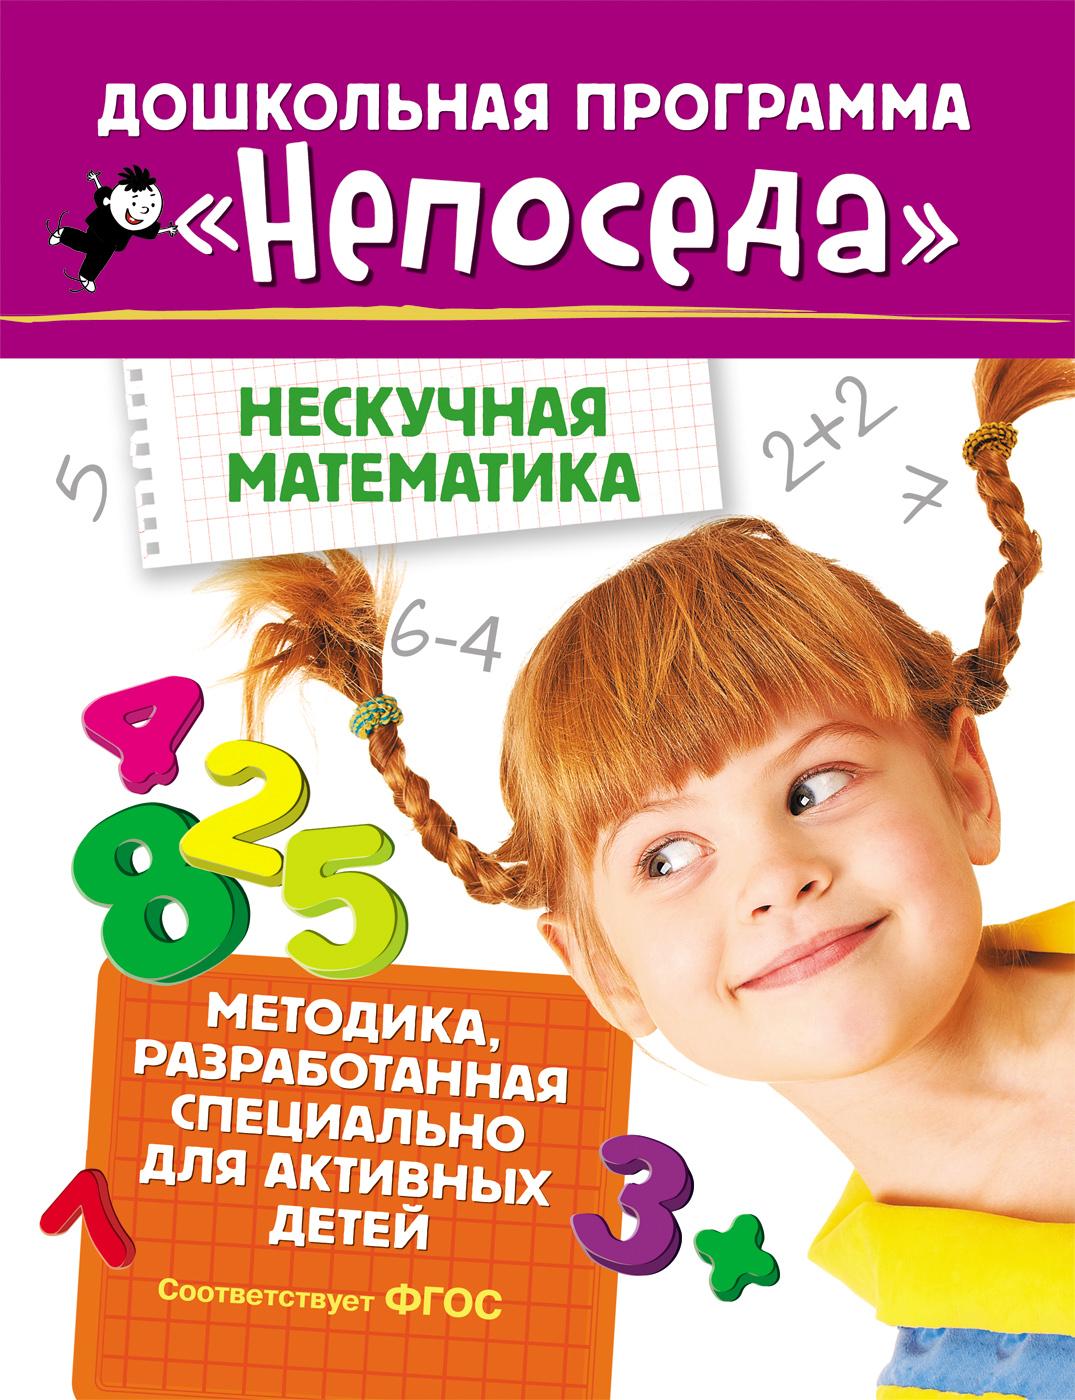 Развивающая тетрадь из серии Непоседа - Нескучная математикаОбучающие книги и задания<br>Развивающая тетрадь из серии Непоседа - Нескучная математика<br>